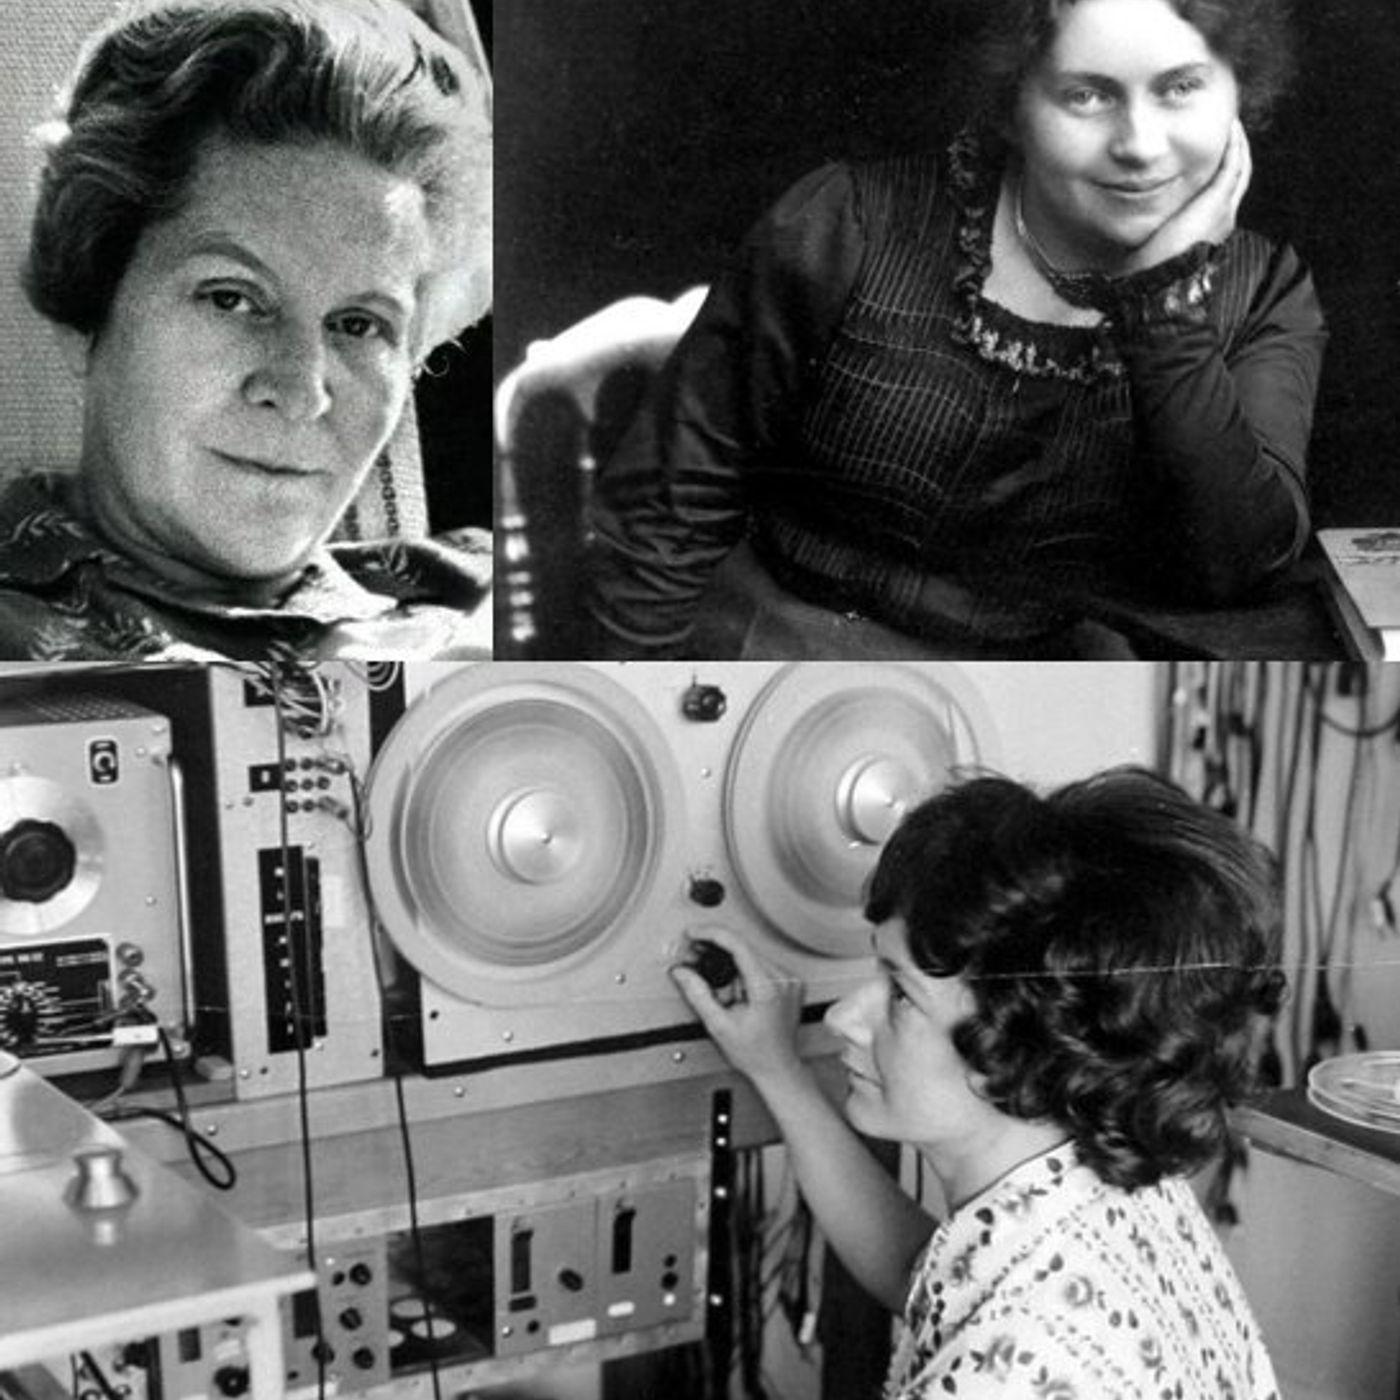 Karin Michäelis, Inger Merete Nordentoft og Else Marie Pade er 3 vilde kvinder, vi skal huske